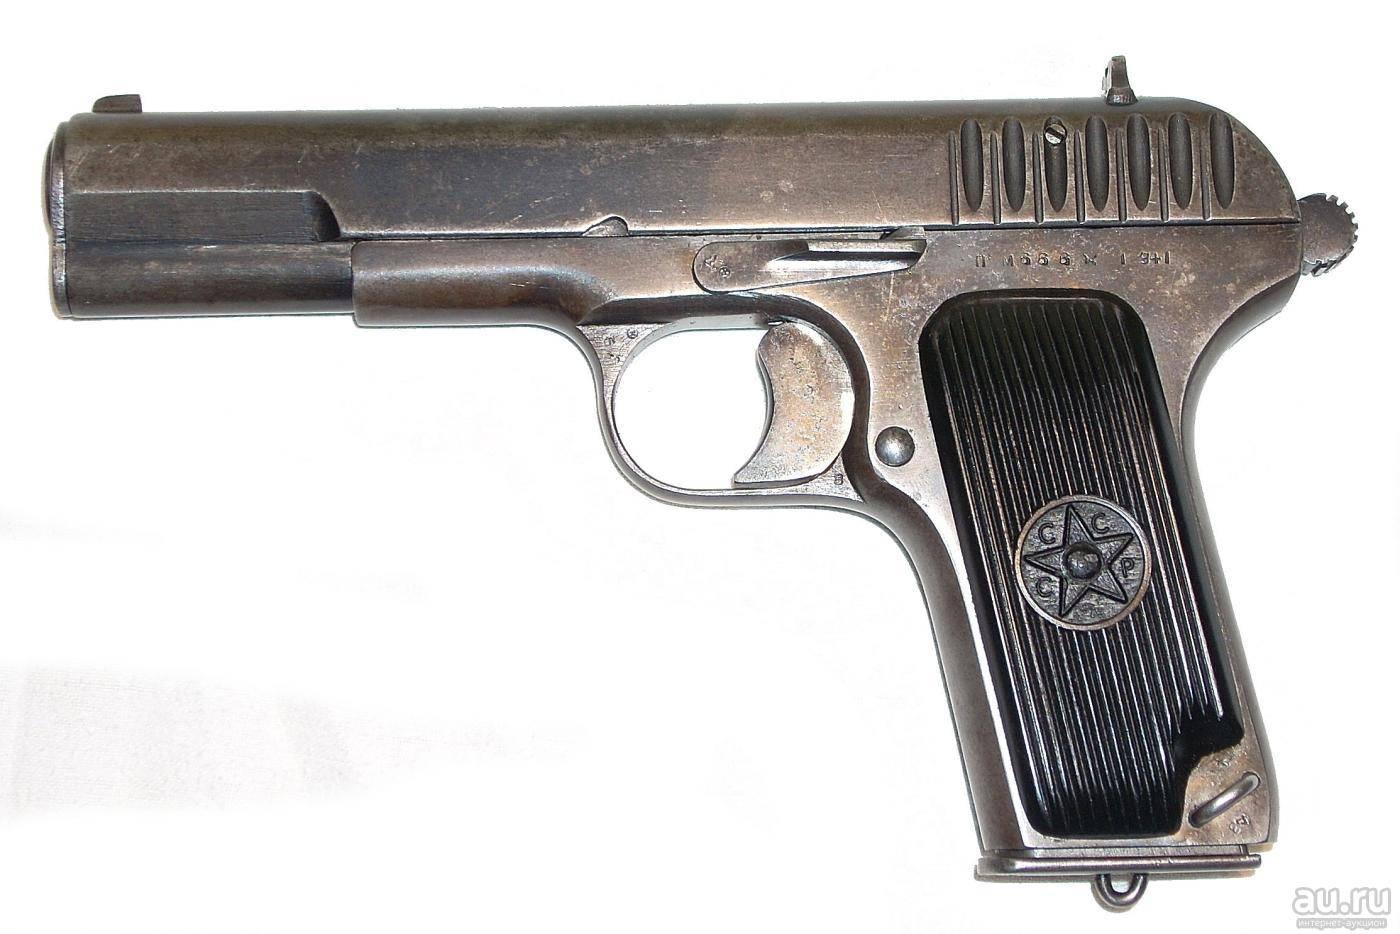 Страшная история легендарного пистолета тт - экспресс газета